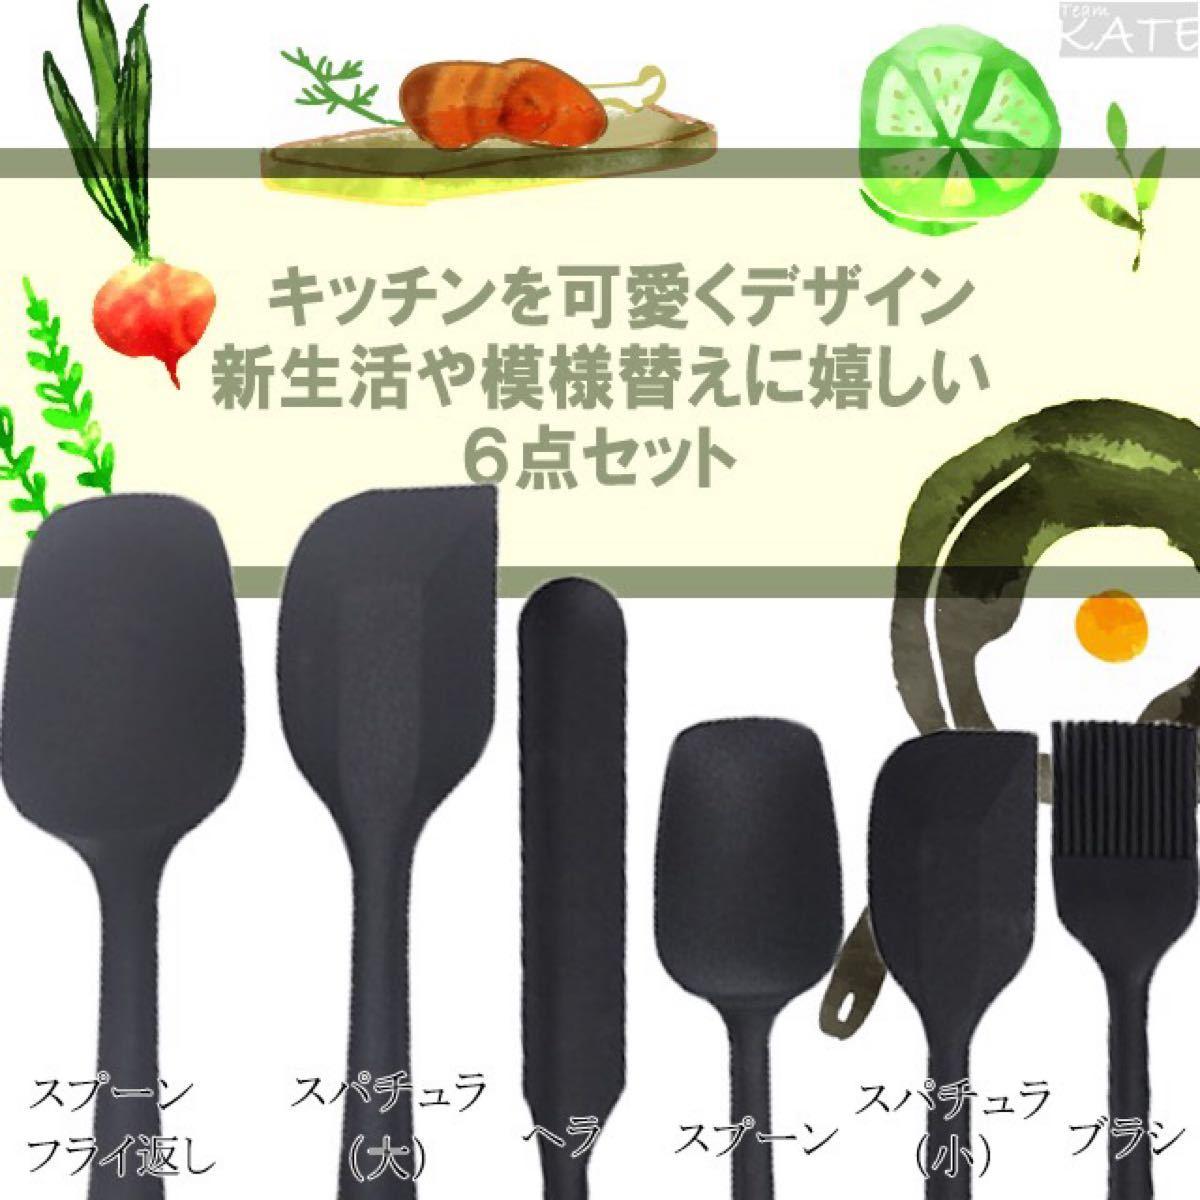 キッチンツール 6点セット シリコン スパチュラ ヘラ 調理器具 製菓道具 ブラック お菓子作り 料理 新品 シリコン製